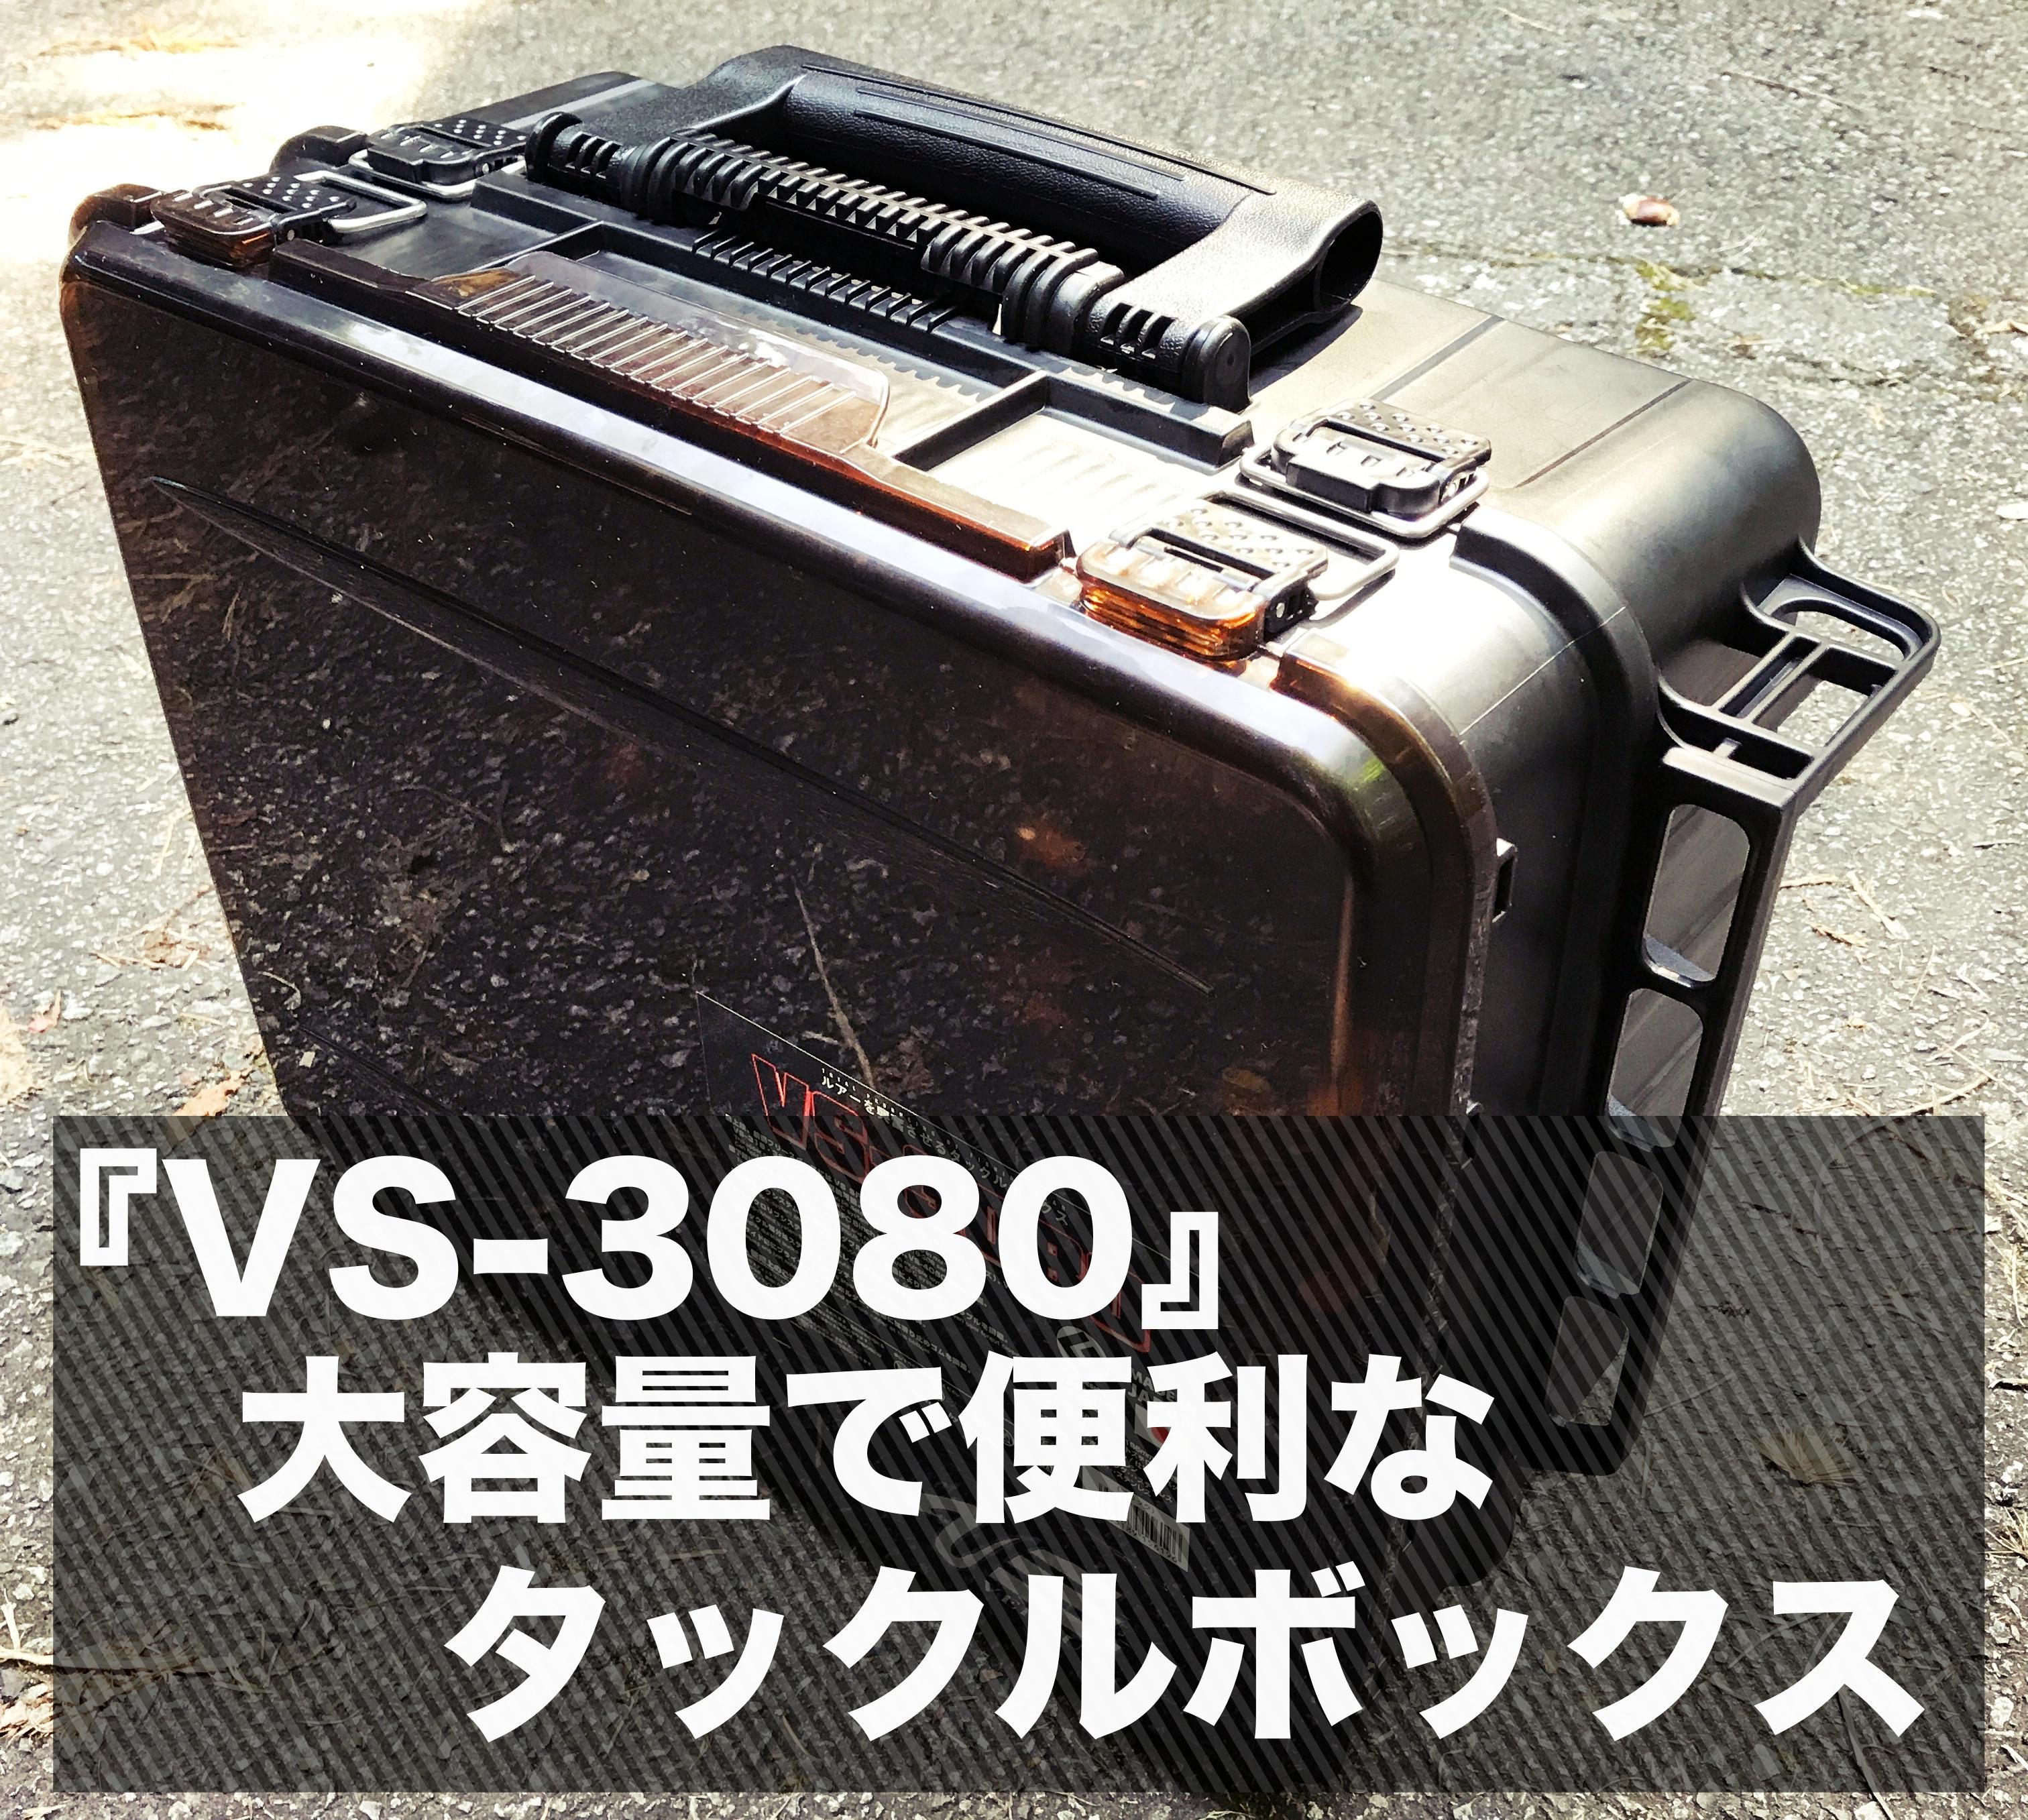 大容量すぎて困惑?!メイホーのタックルボックス『VS-3080』買ってみた!